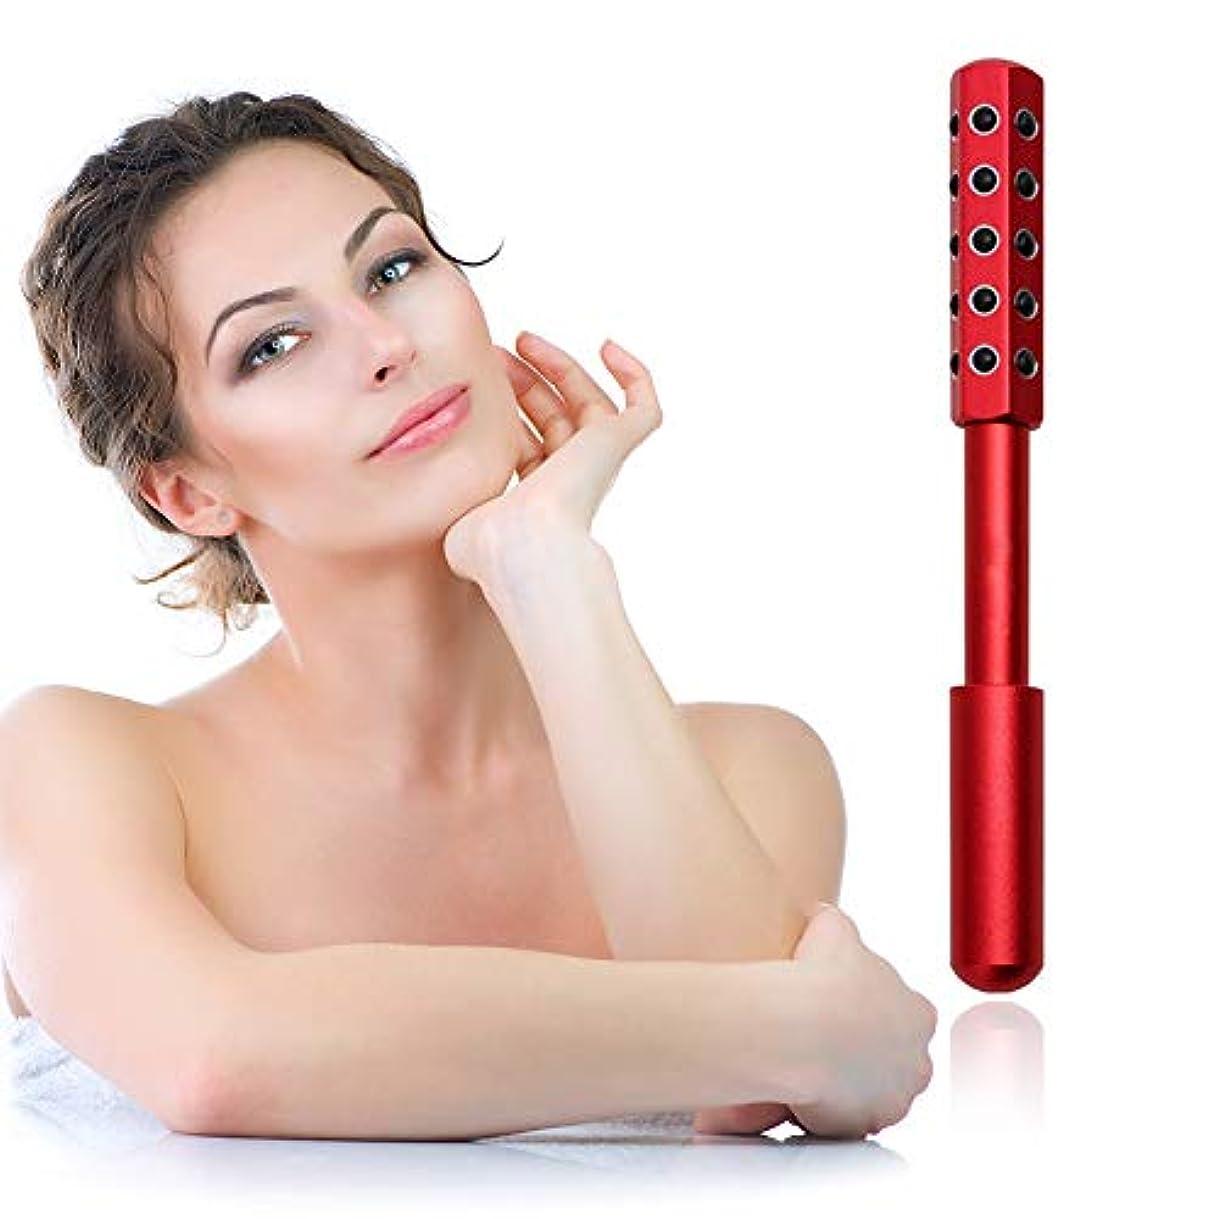 顔と体のためのゲルマニウムマッサージ美容ローラーは、血液の循環を促進し、皮膚の引き締め、毒素、皮膚の抗しわをクリア